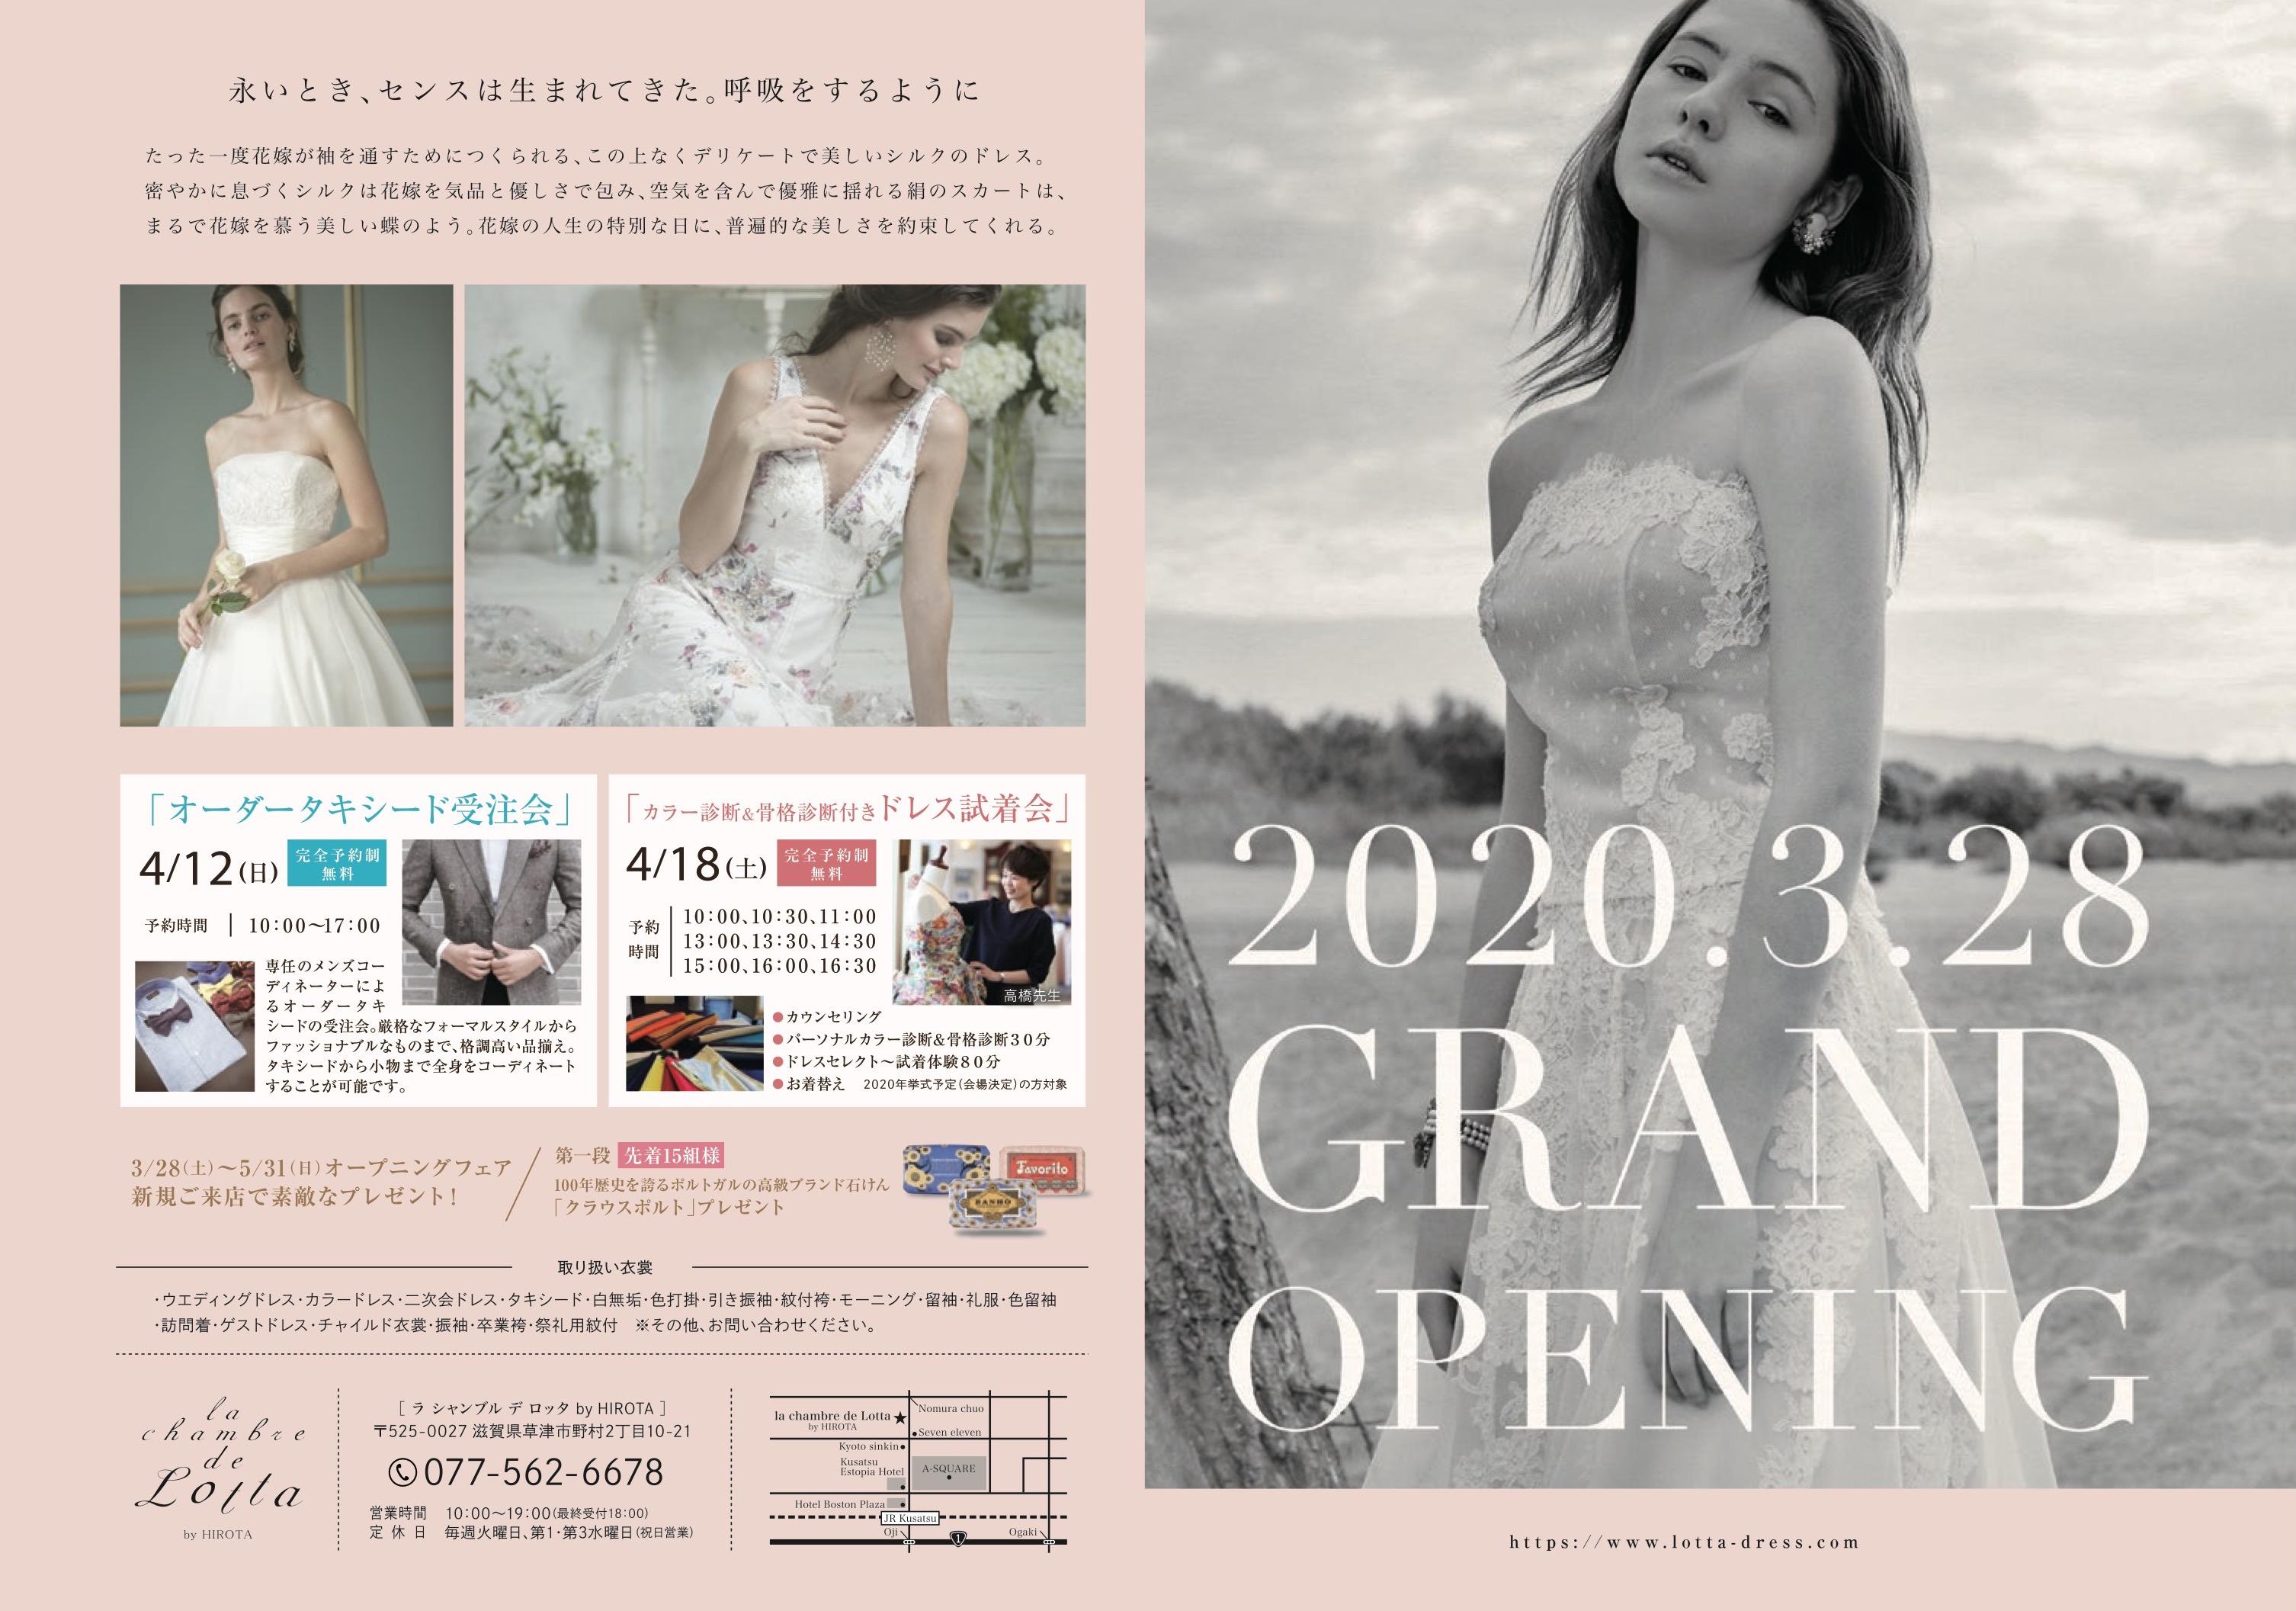 【3/28オープン】洗練されたウエディングドレス店「ラ シャンブル デ ロッタ」。結婚相談カウンター「ラヴィ」も一緒♡